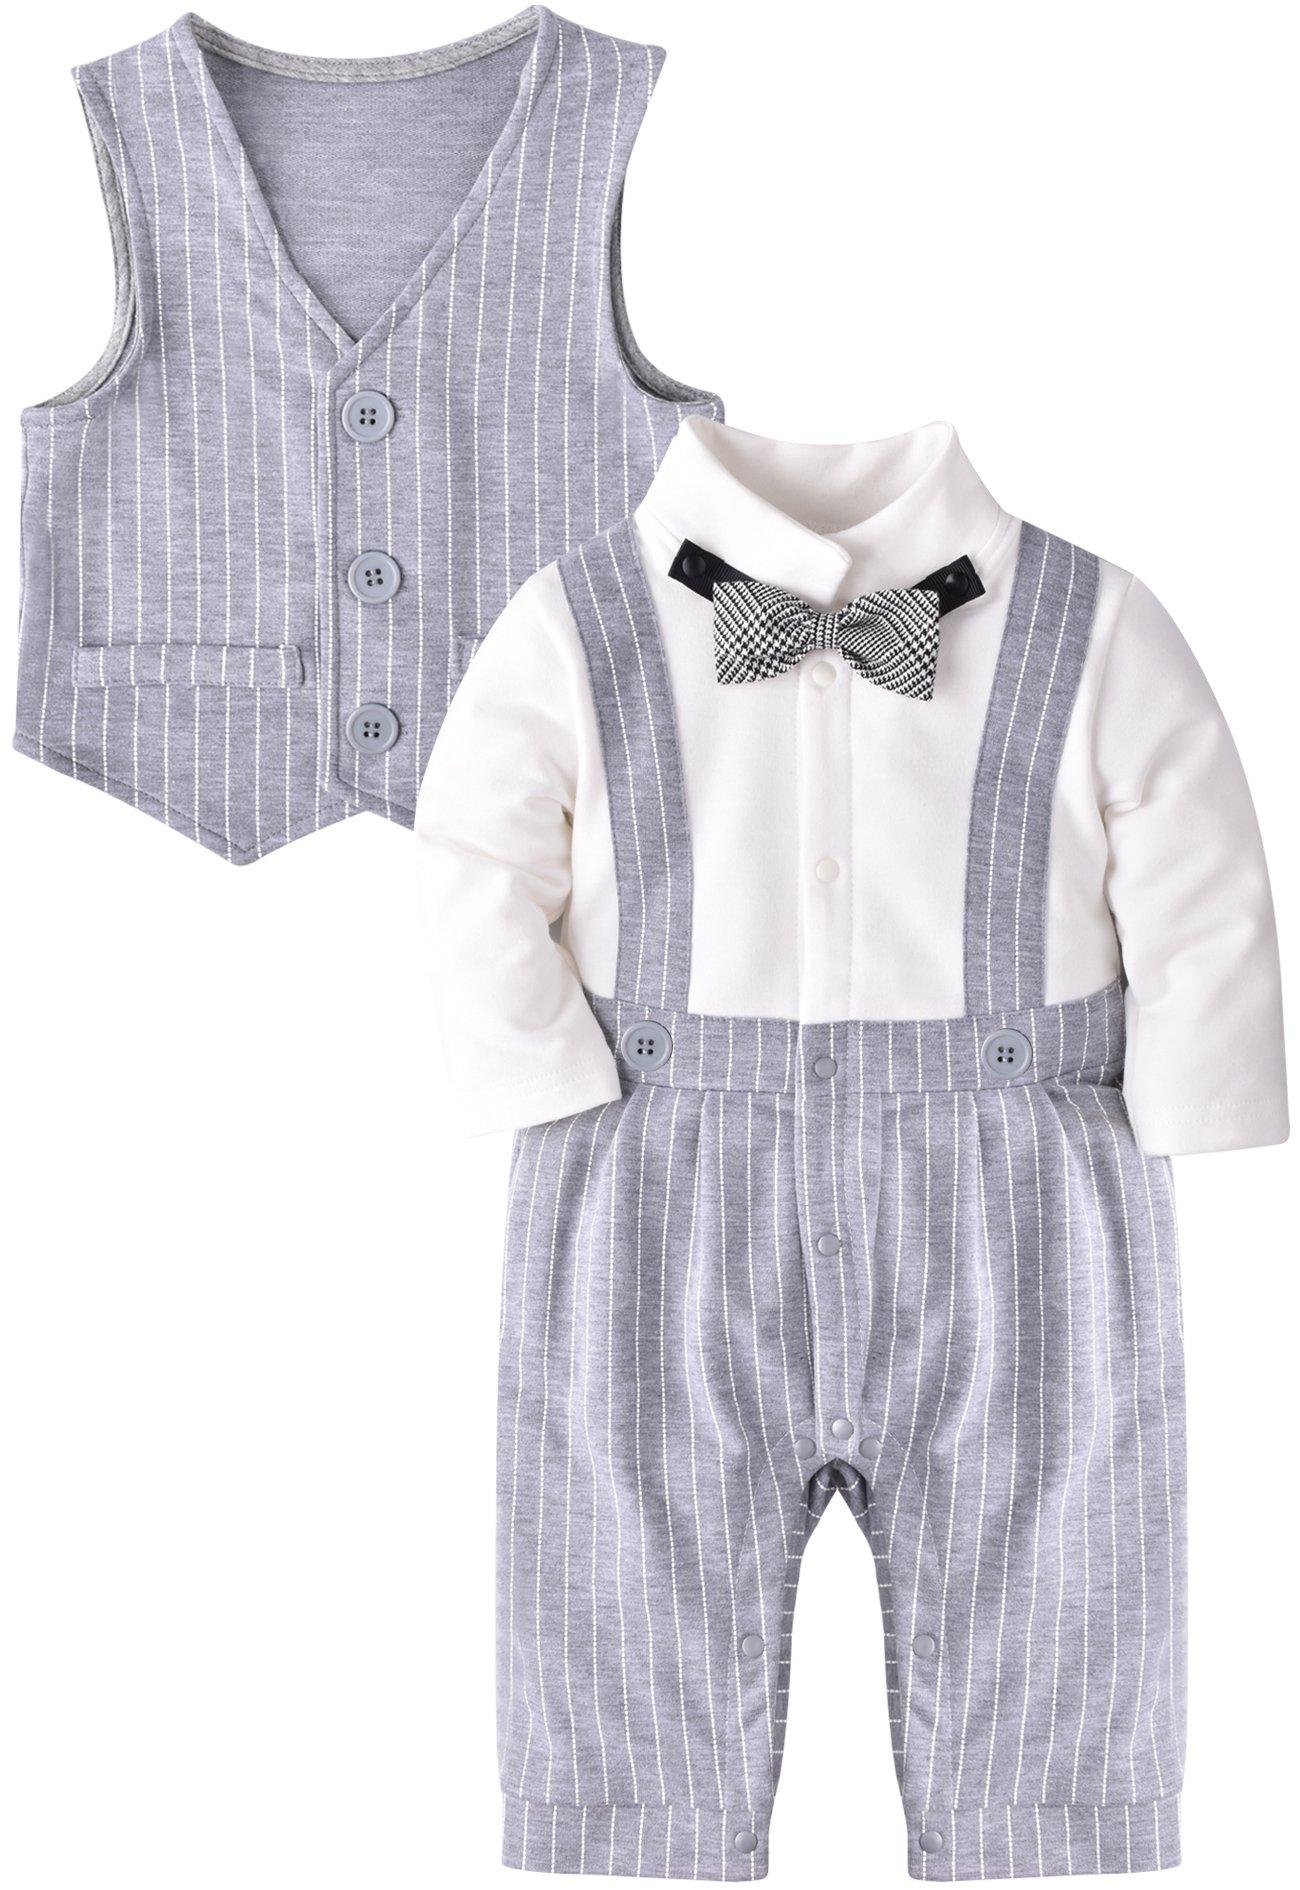 ZOEREA 2tlg Baby-Jungen Bekleidungssets Strampler + Anzug Mantel Gentleman Baumwolle Weiß Stripe Drucken Bowknot Langarm…